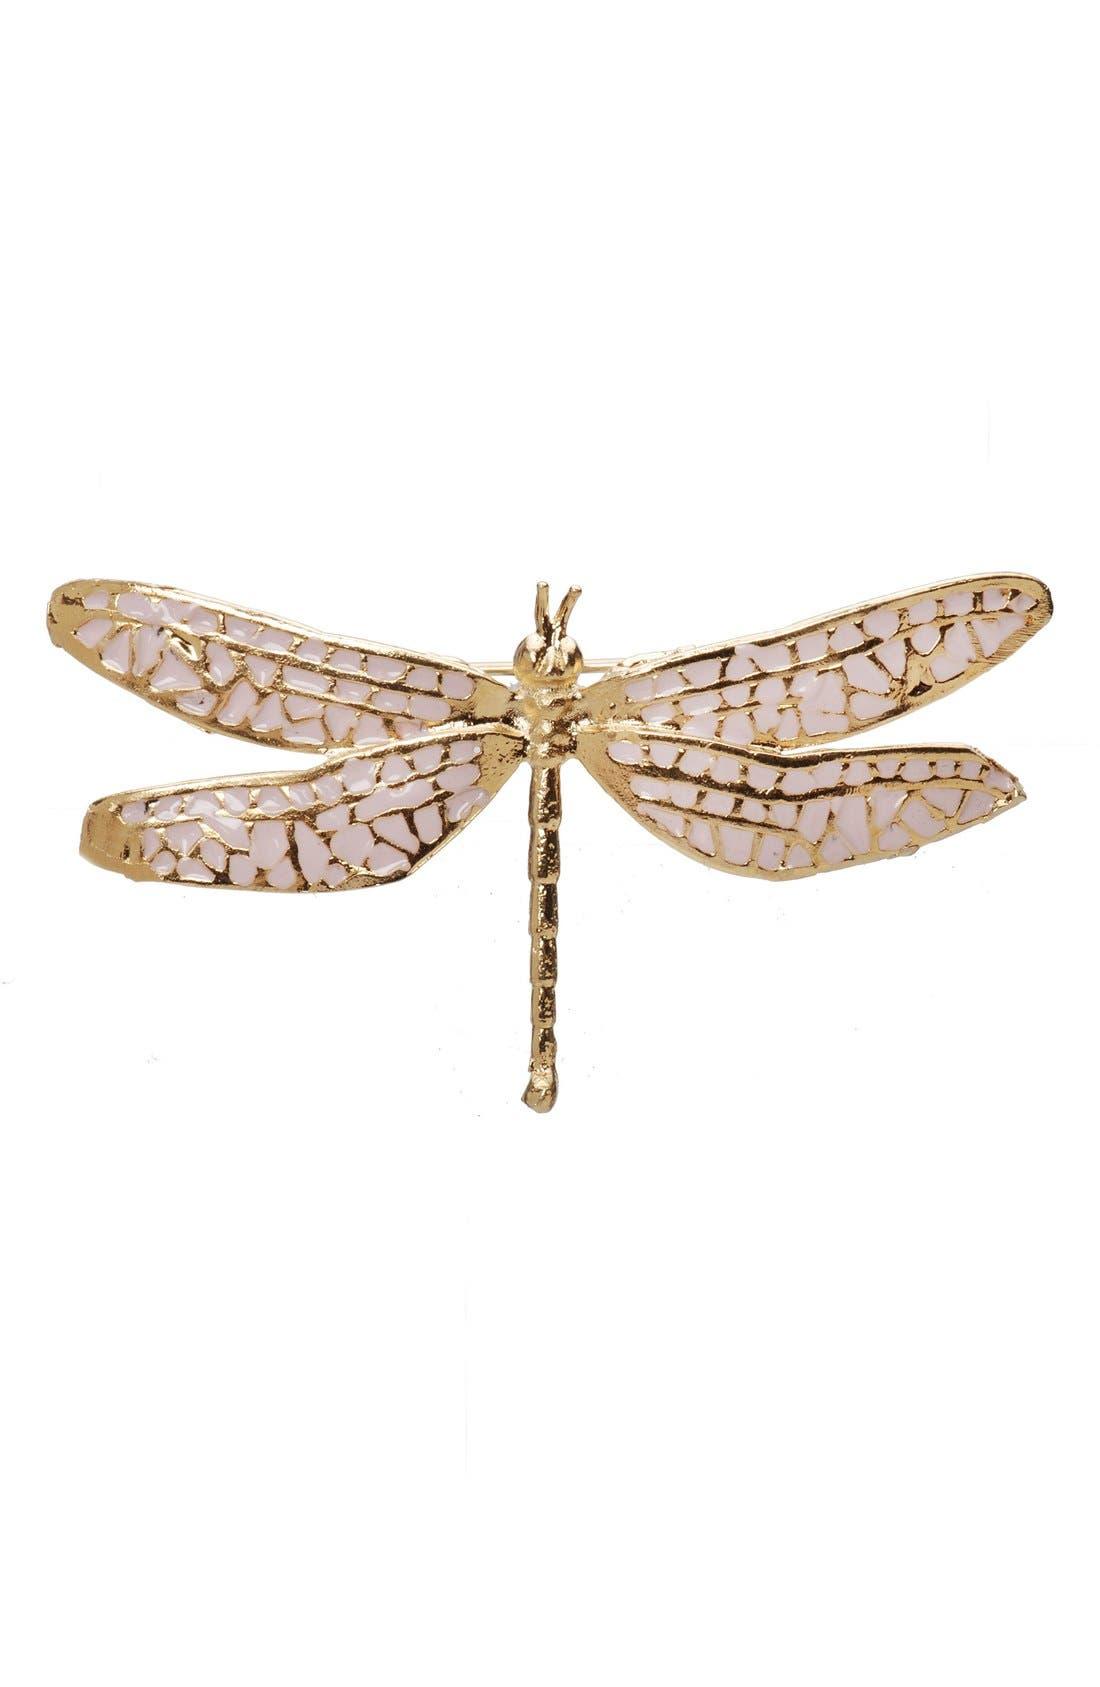 Main Image - L. Erickson 'Damsel Fly' Brooch